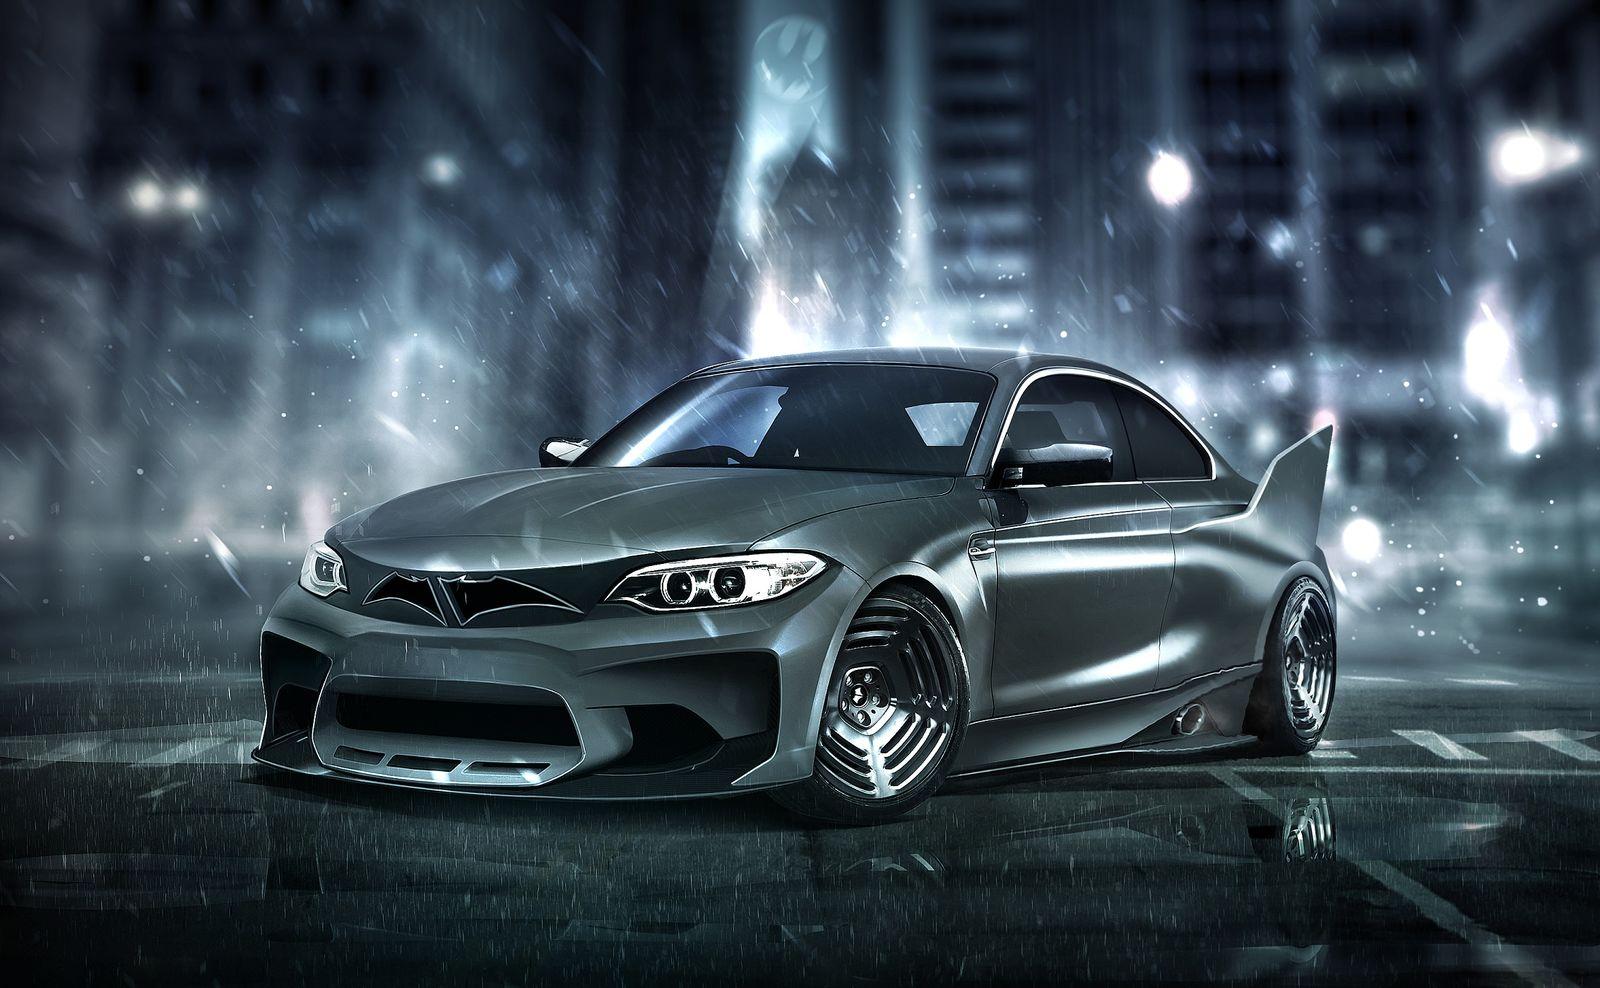 superhero-car-designs-opn-gallery-10.jpg